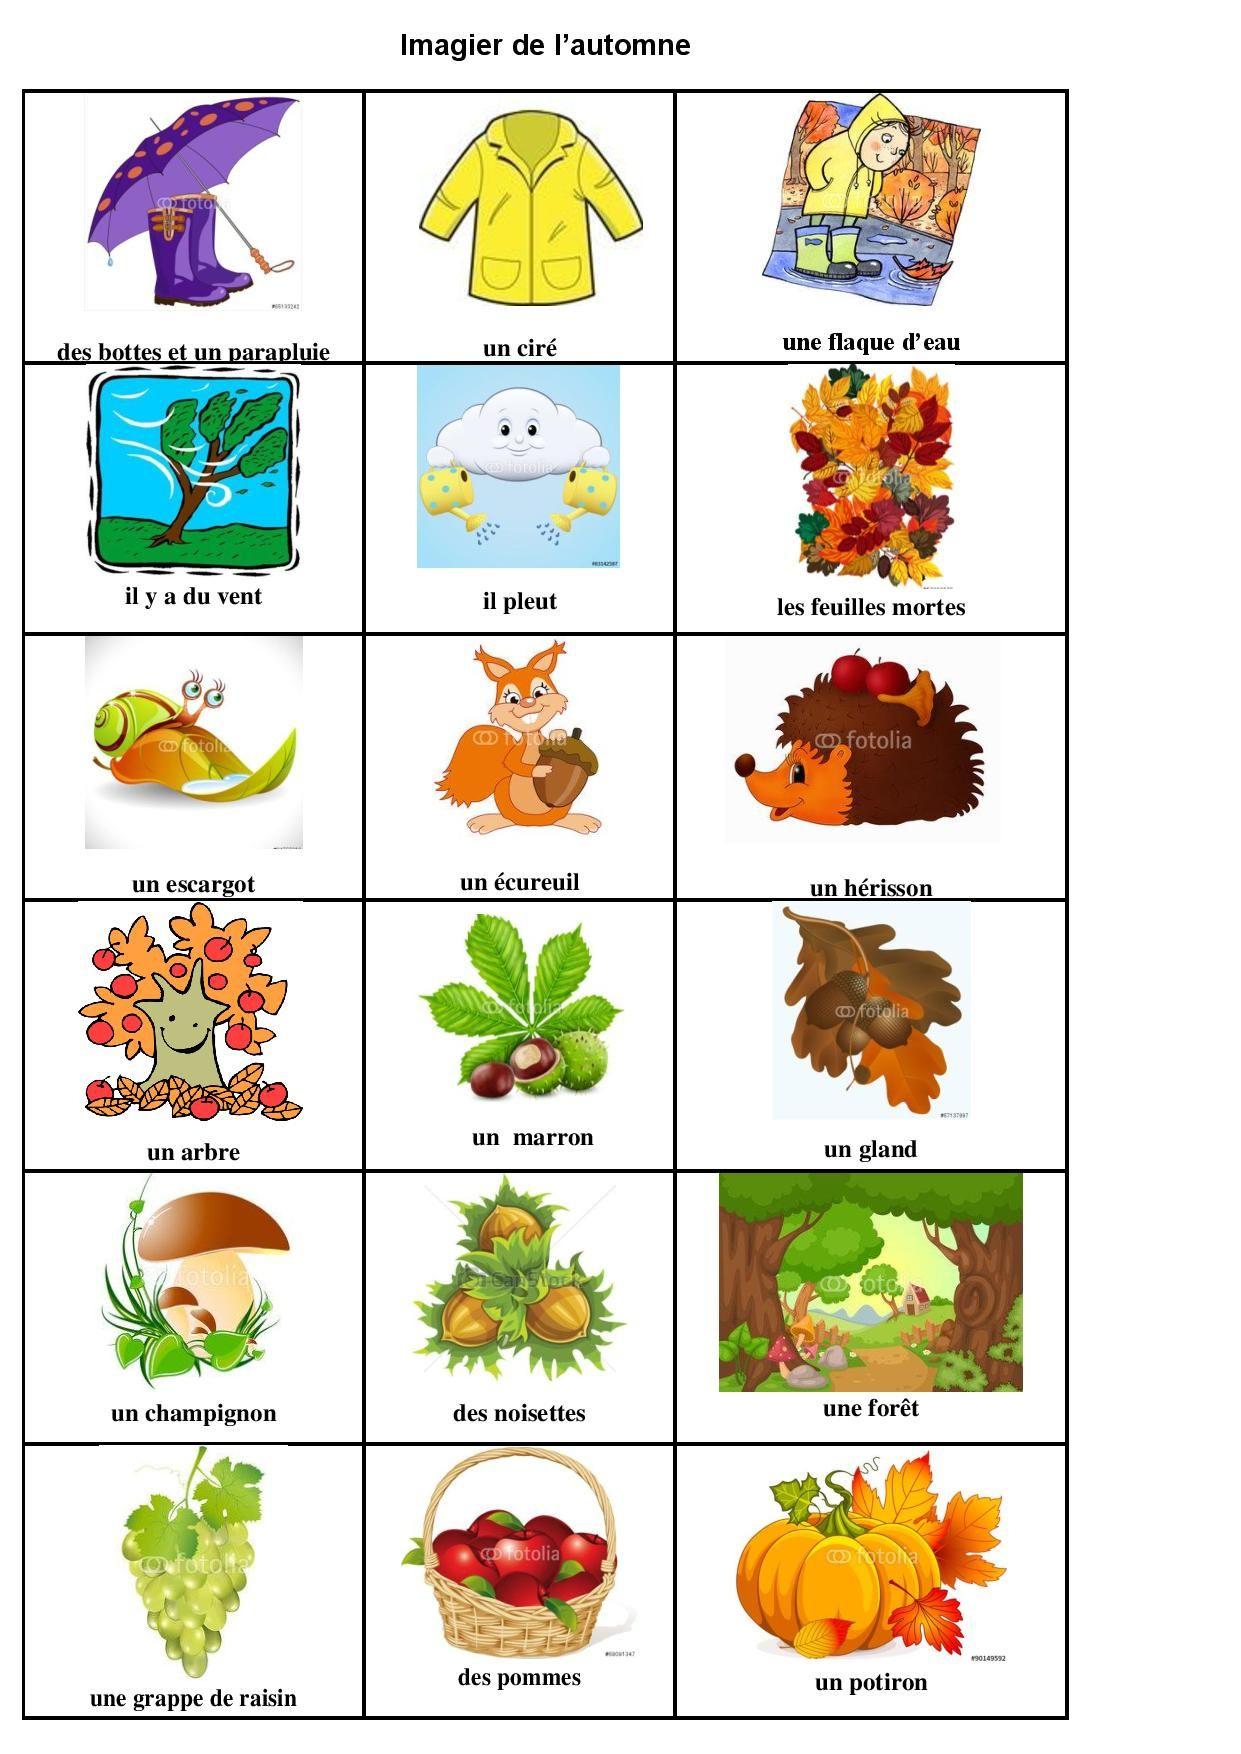 Mon Imagier De L'automne | Imagier, École Maternelle destiné Imagier Ecole